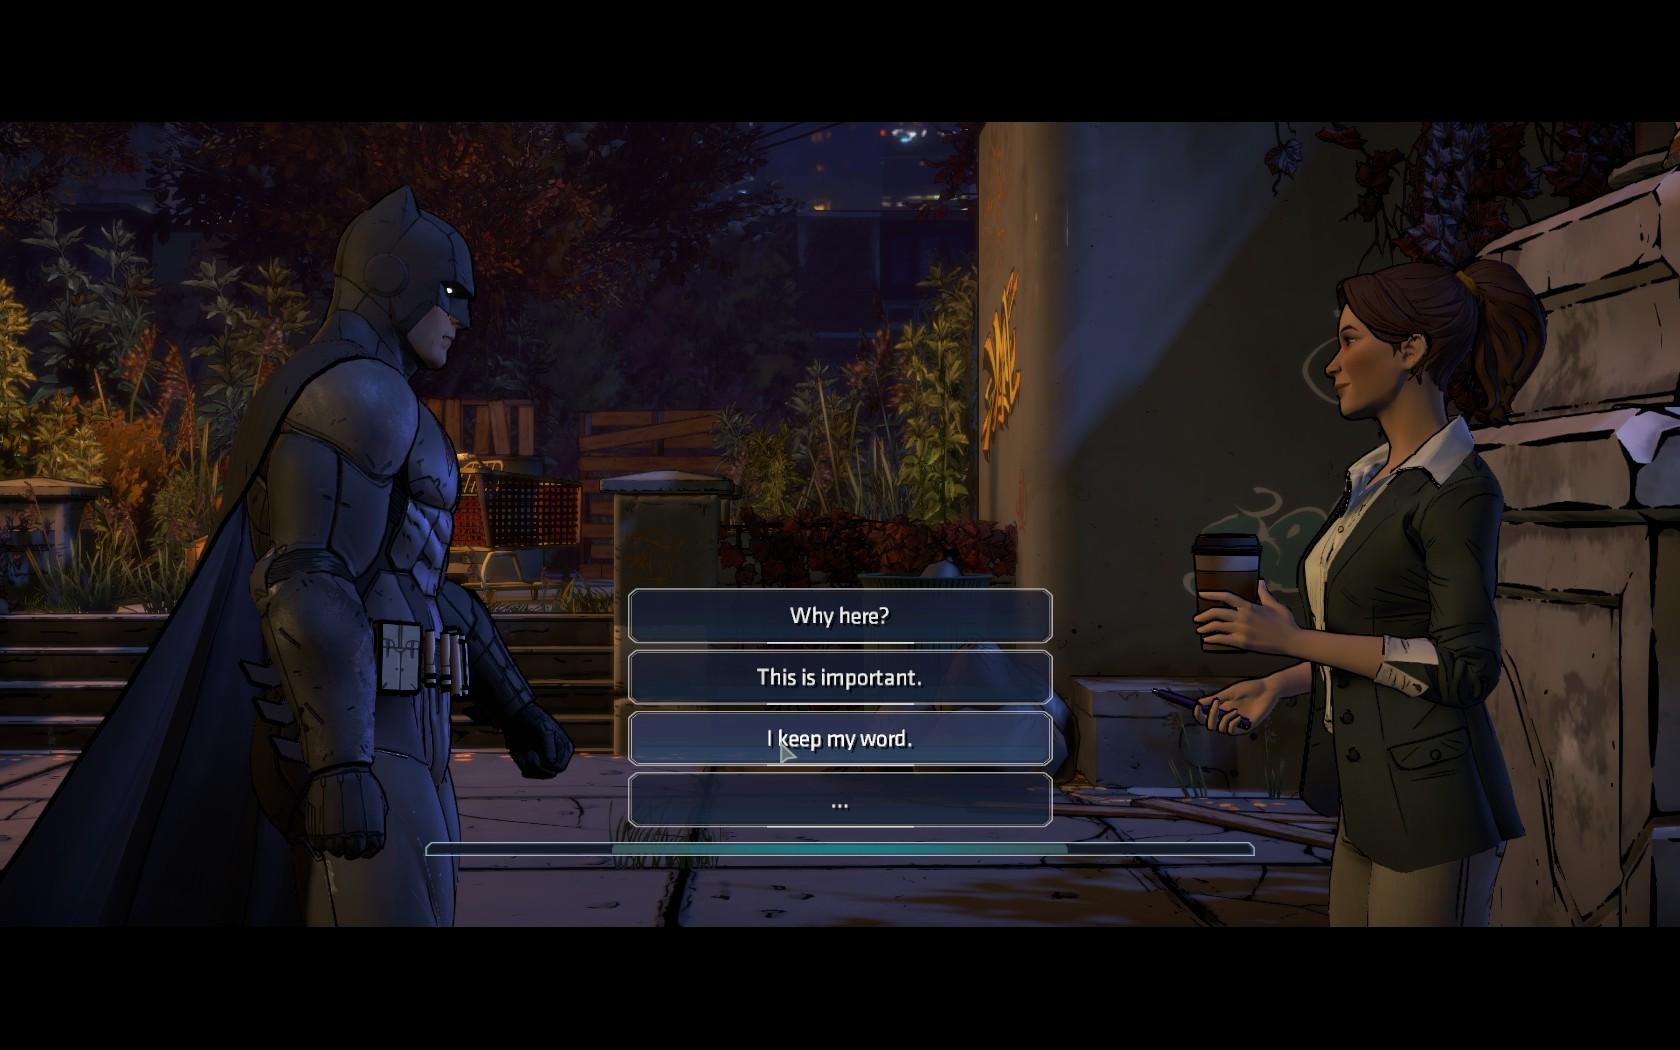 Batman - městem chodí Temný rytíř 135289